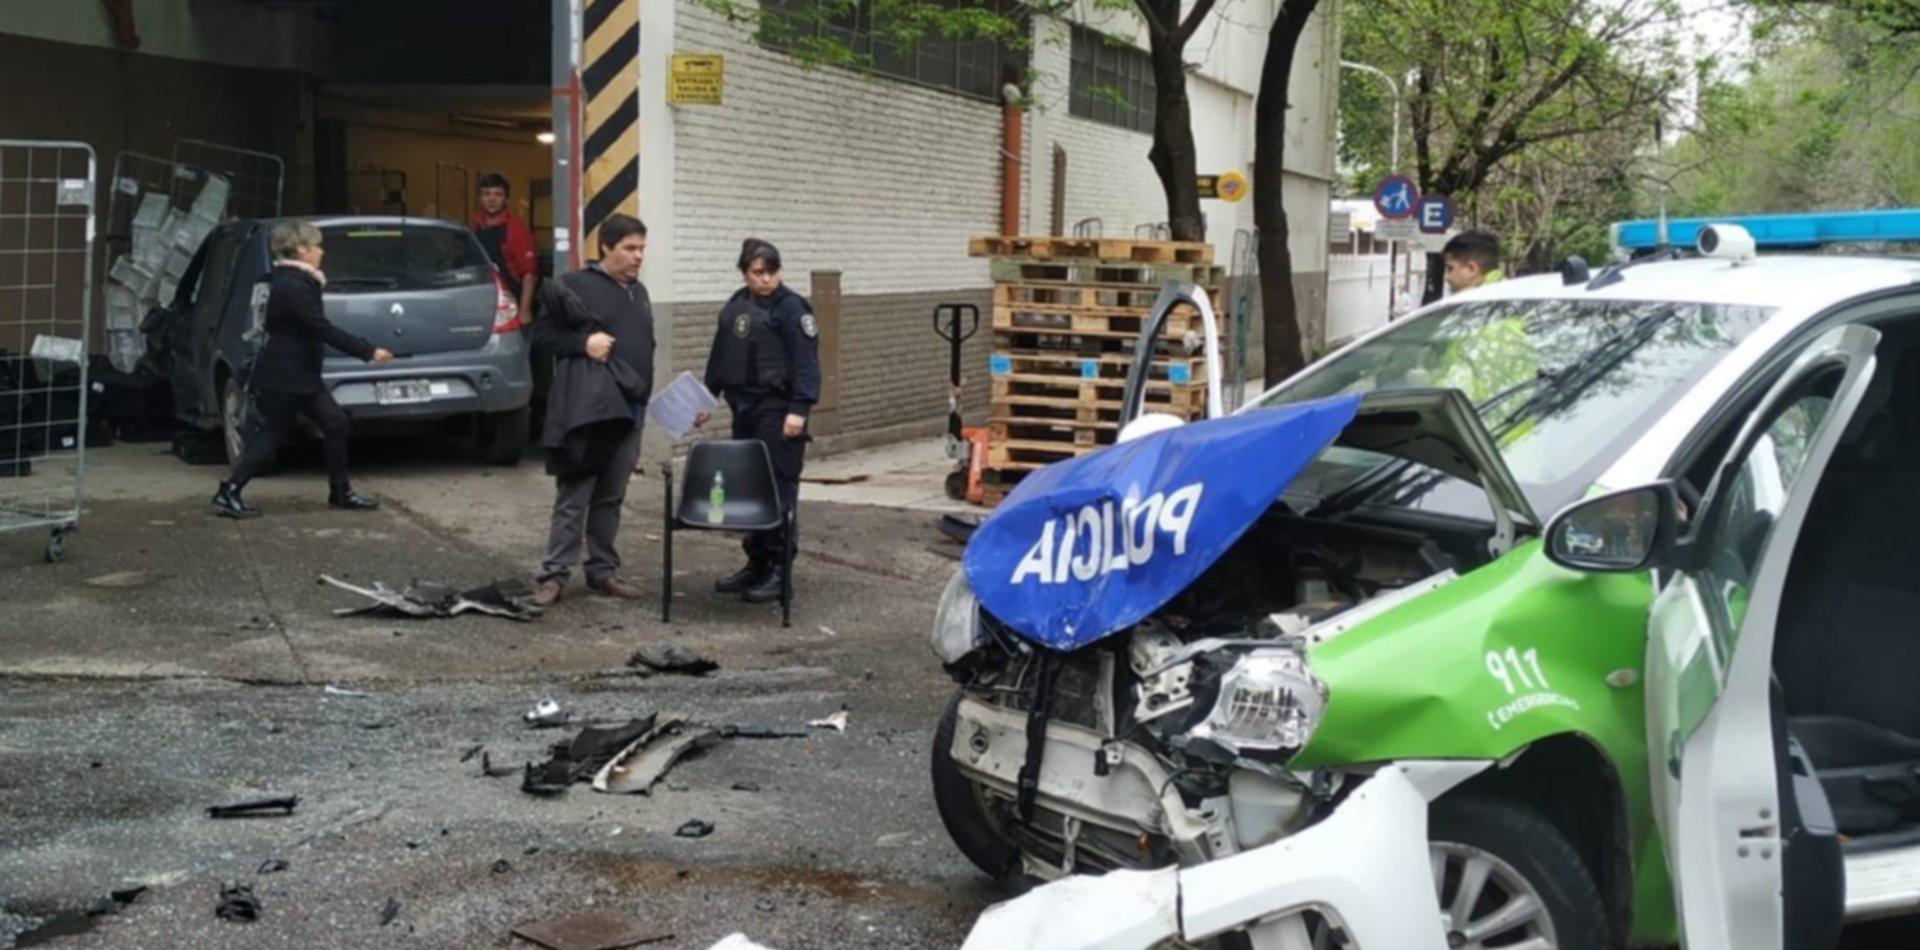 Espectacular choque entre un patrullero y un auto que terminó adentro de un supermercado